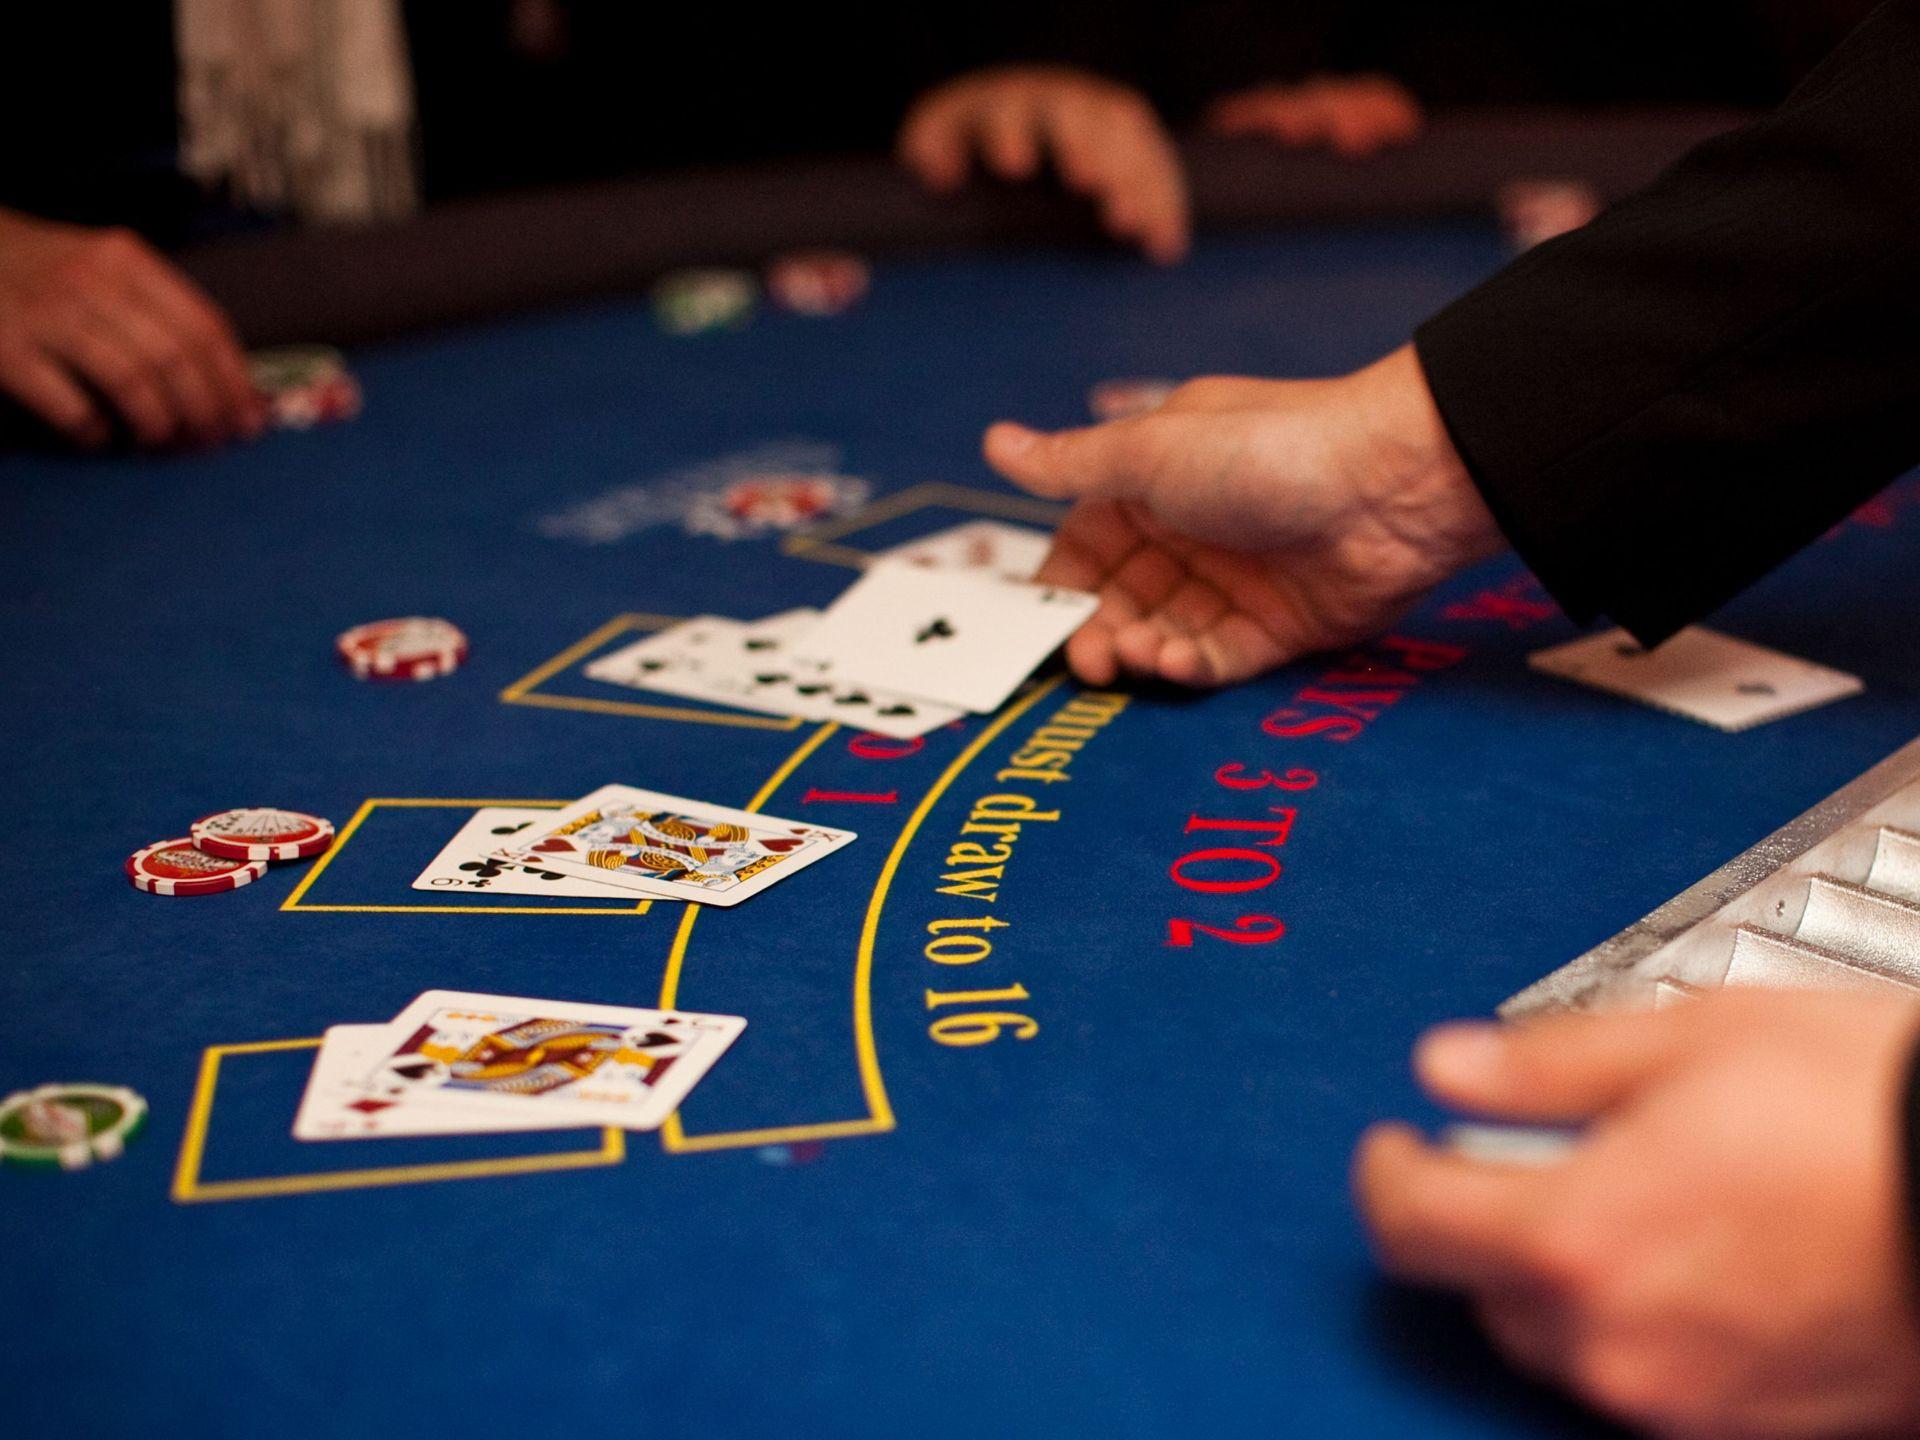 Les règles à respecter au blackjack